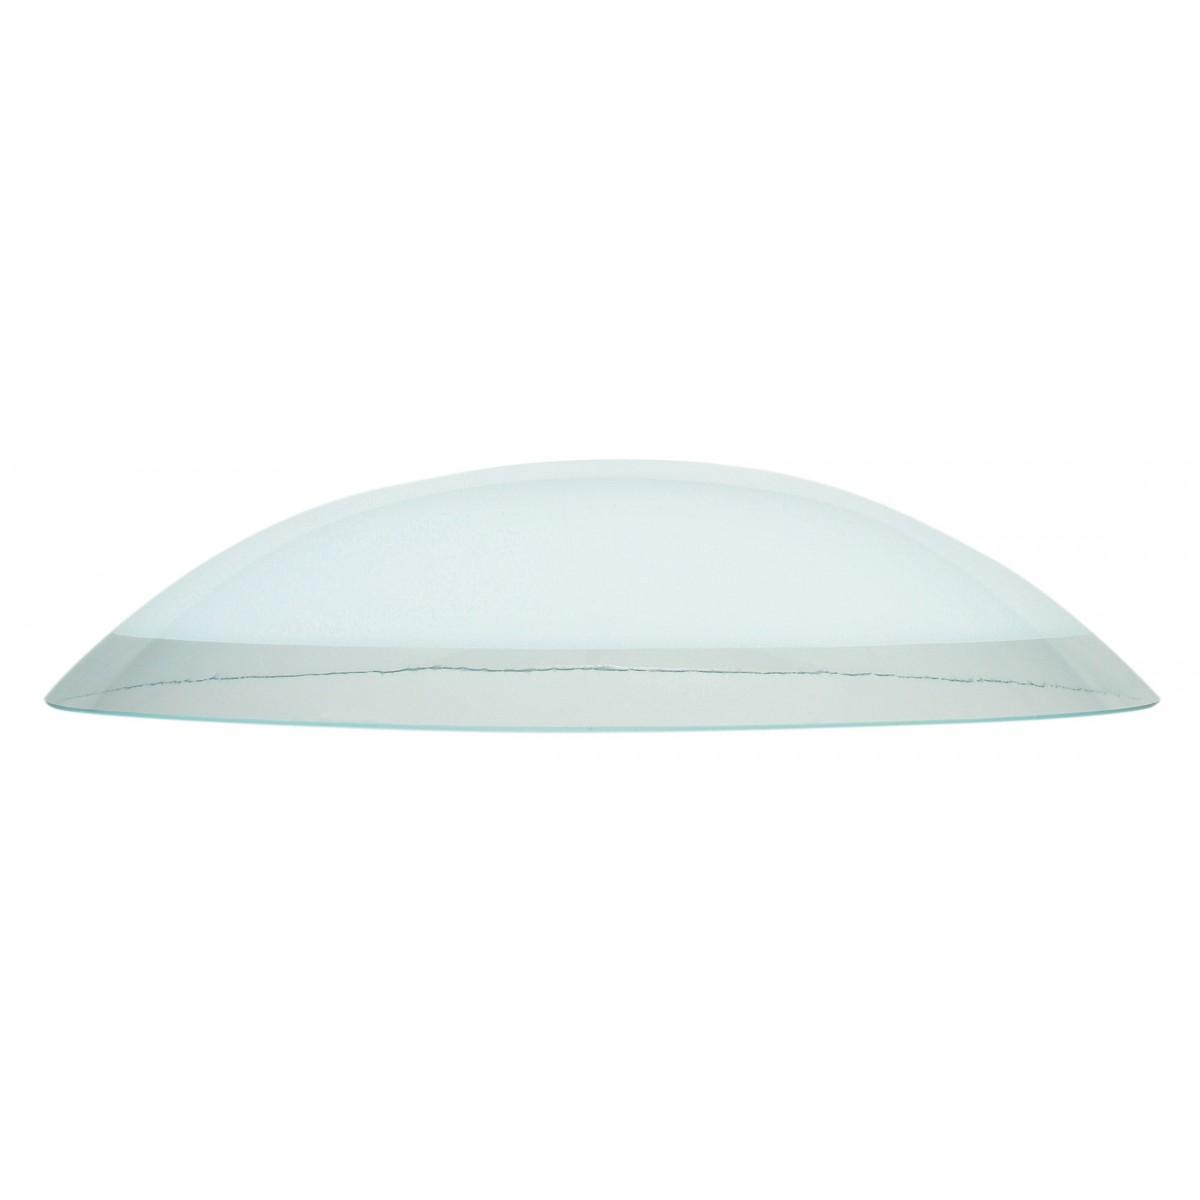 I-V00042490120 - Paralume per Sospensione Vetro Bianco Bordo Trasparente 45x10 cm F42